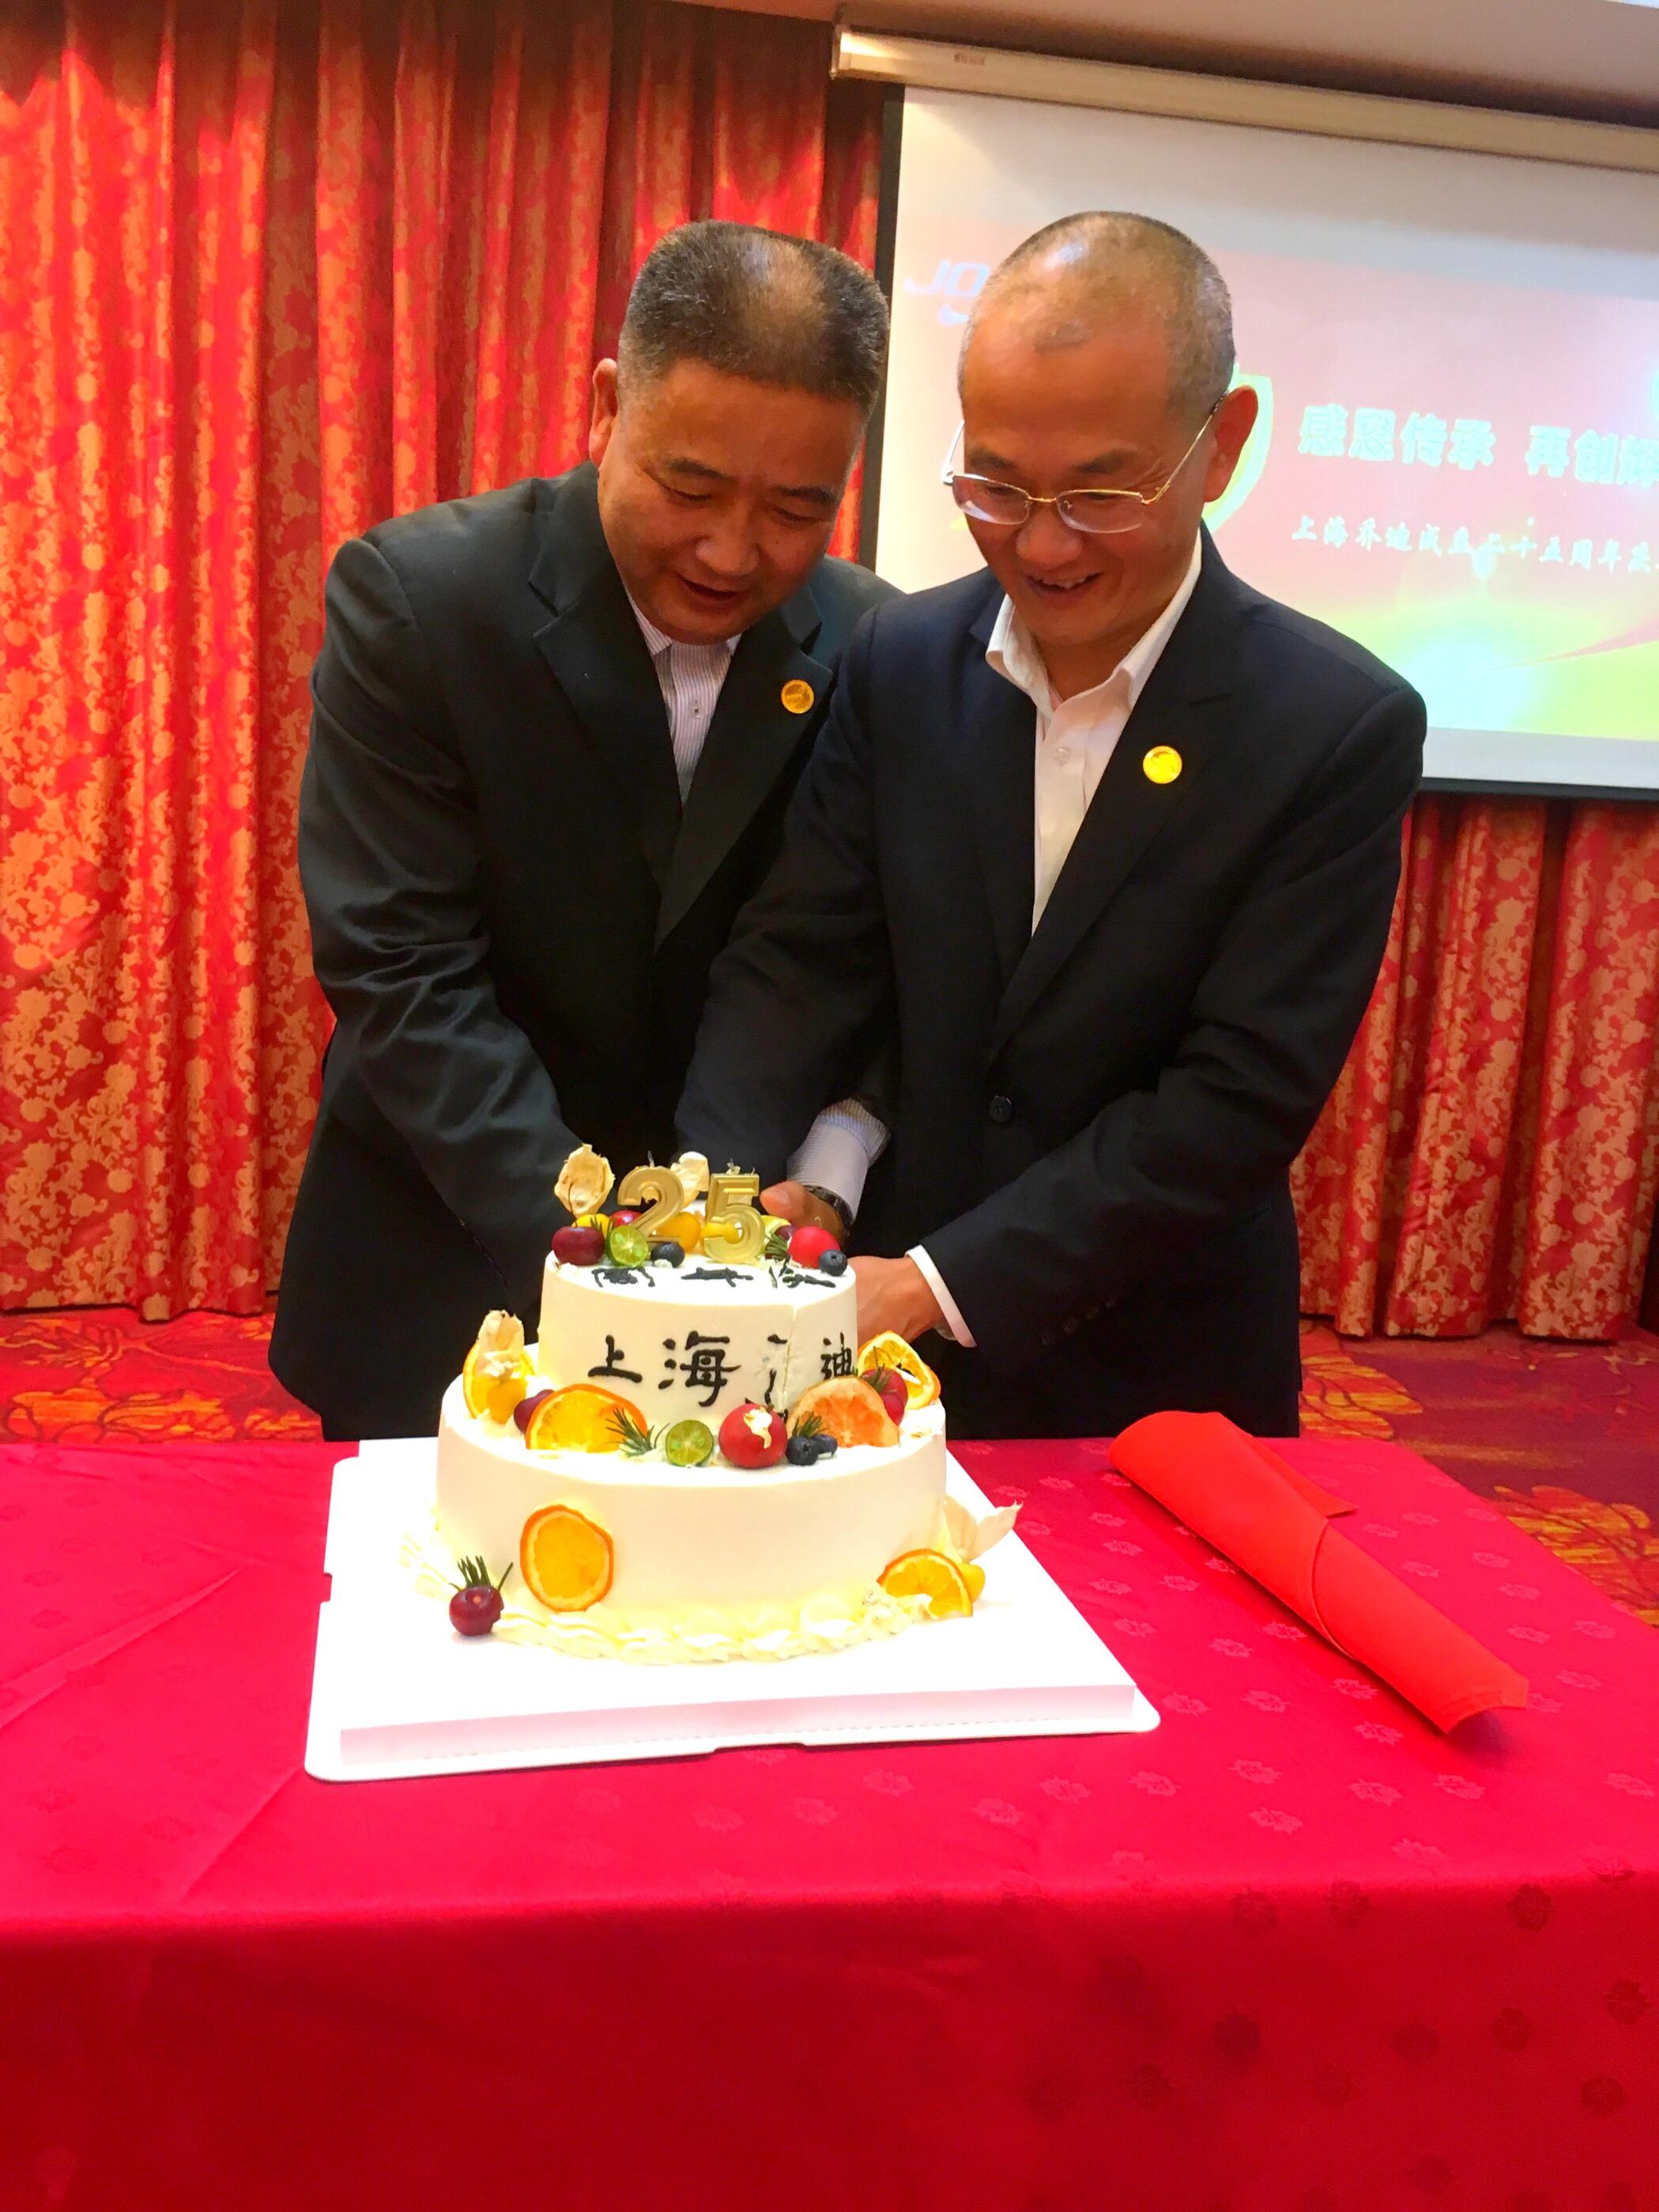 總經理與副總一起切喬迪25周年生日蛋糕.jpg